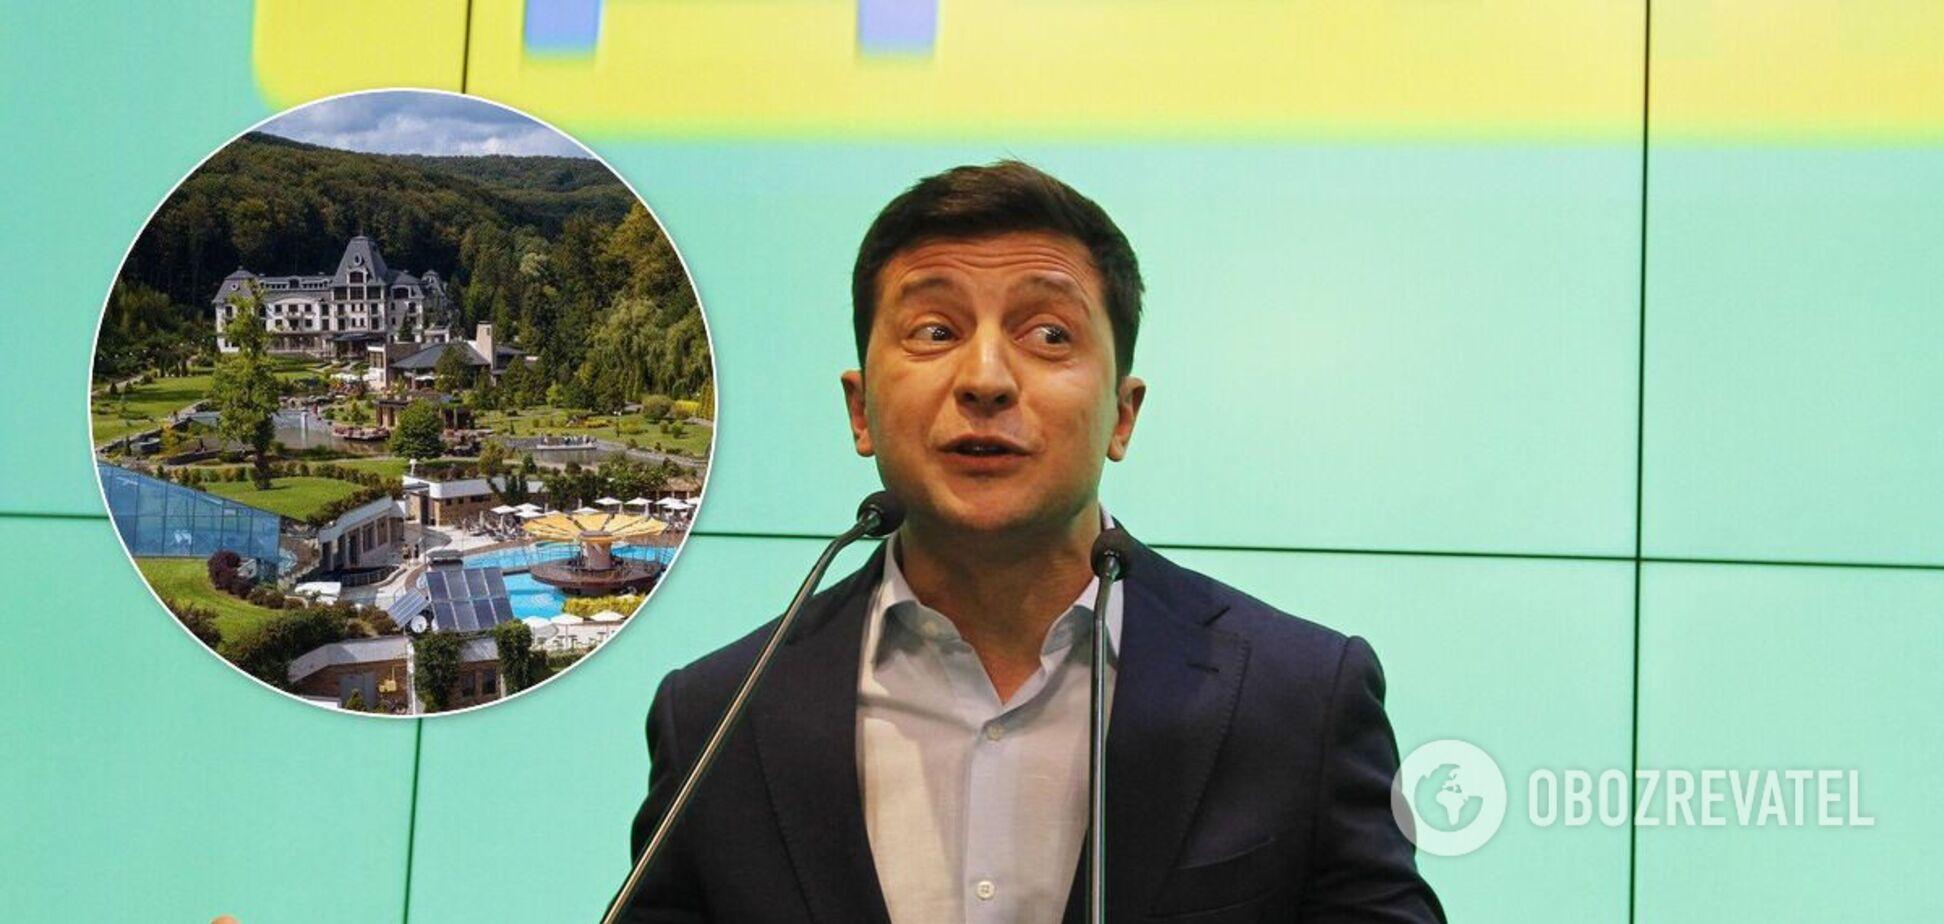 Зеленский остановился в люксовом отеле на Закарпатье. Фото и цена номера